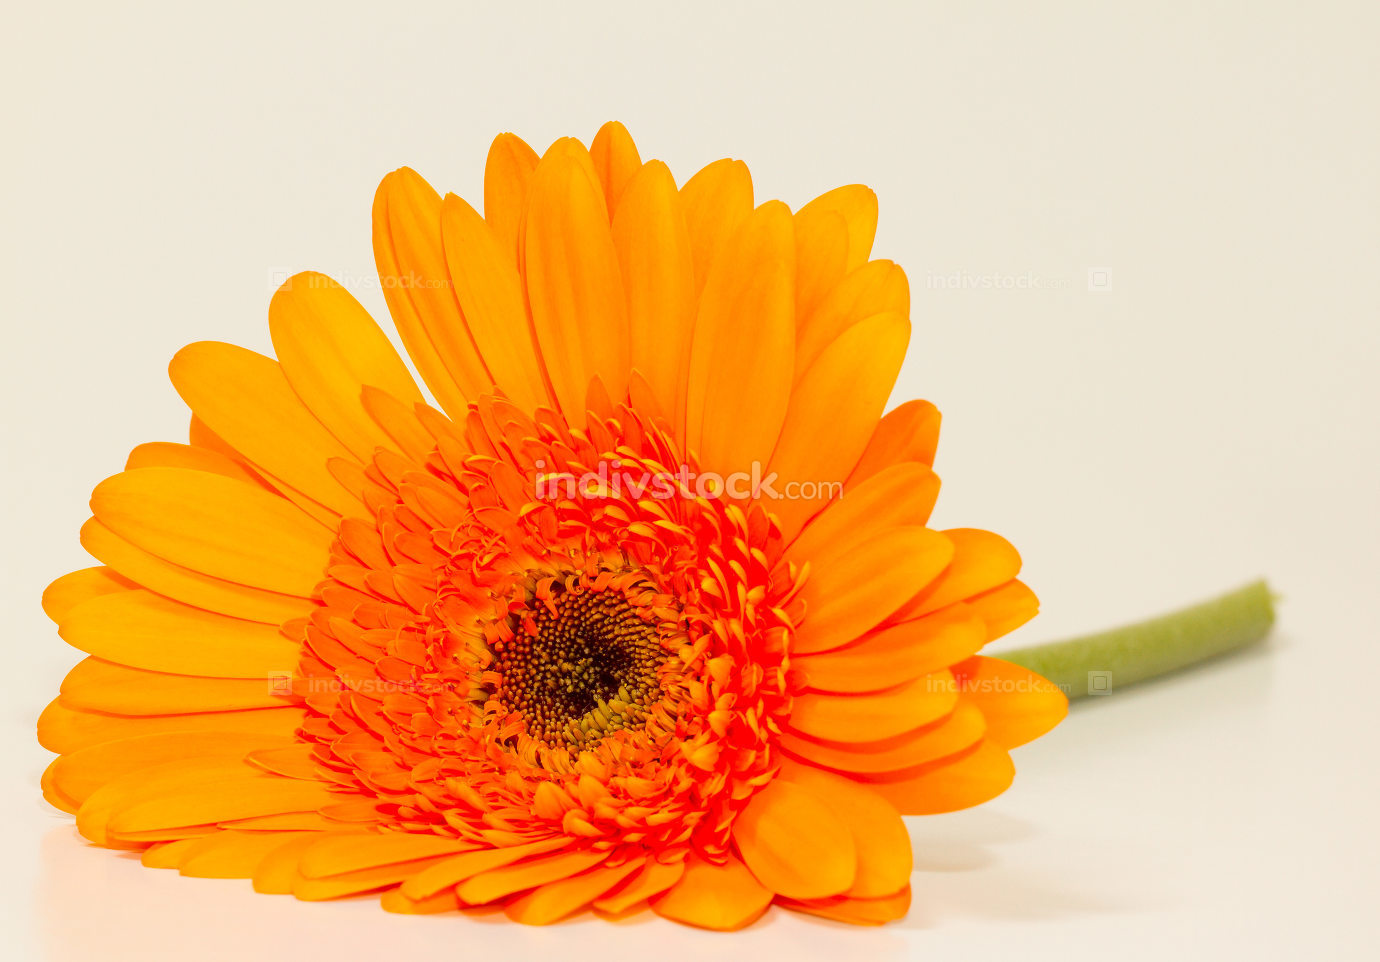 One single gerbera flower